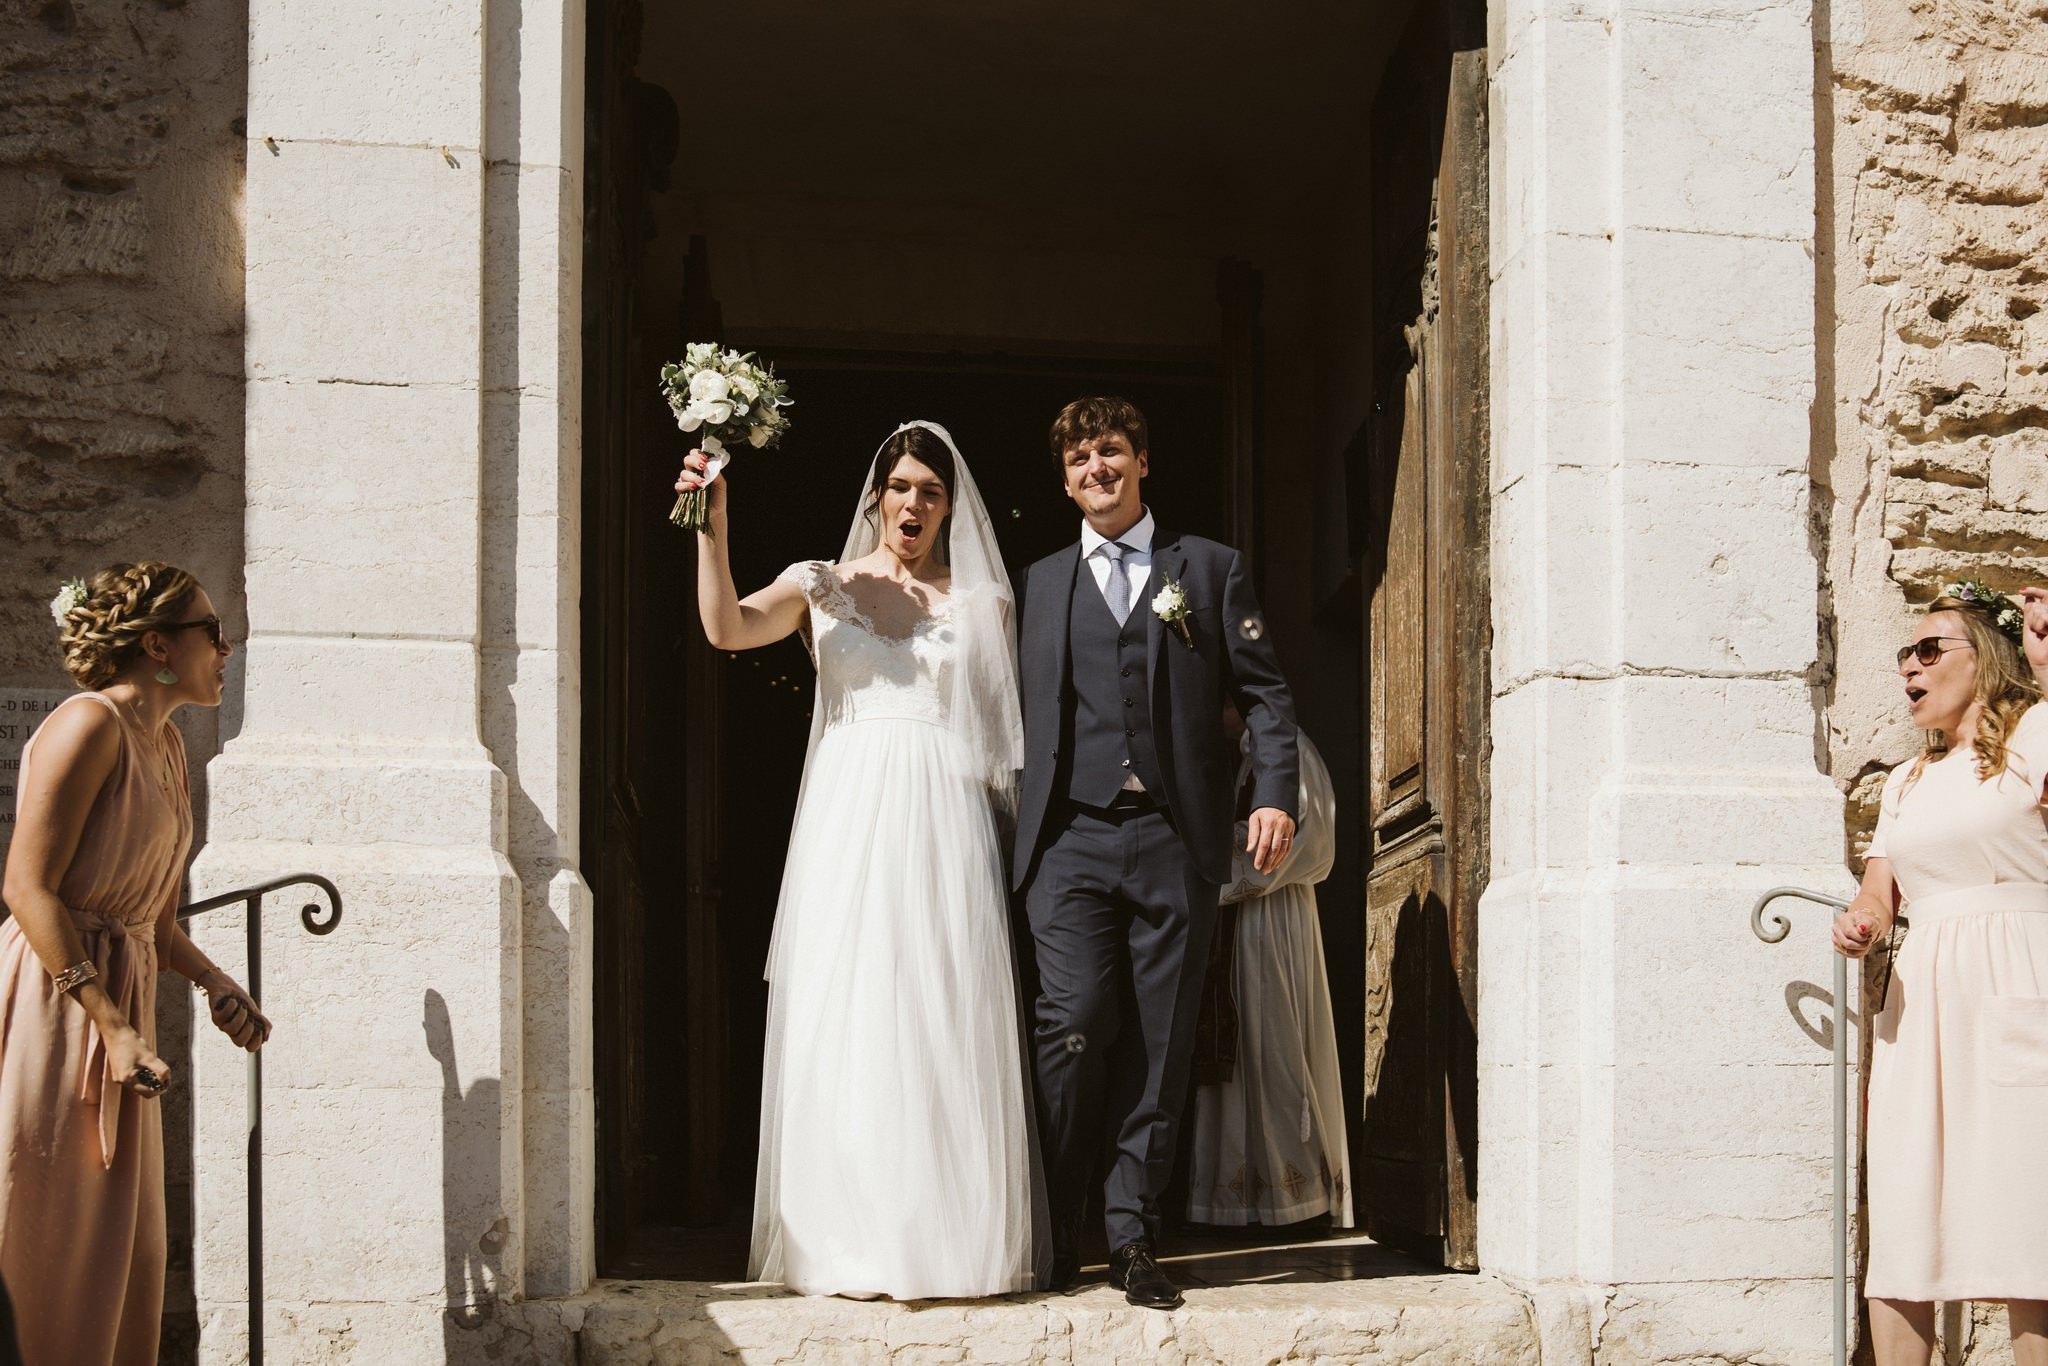 Cigales et Petits Fours - Organiser un mariage